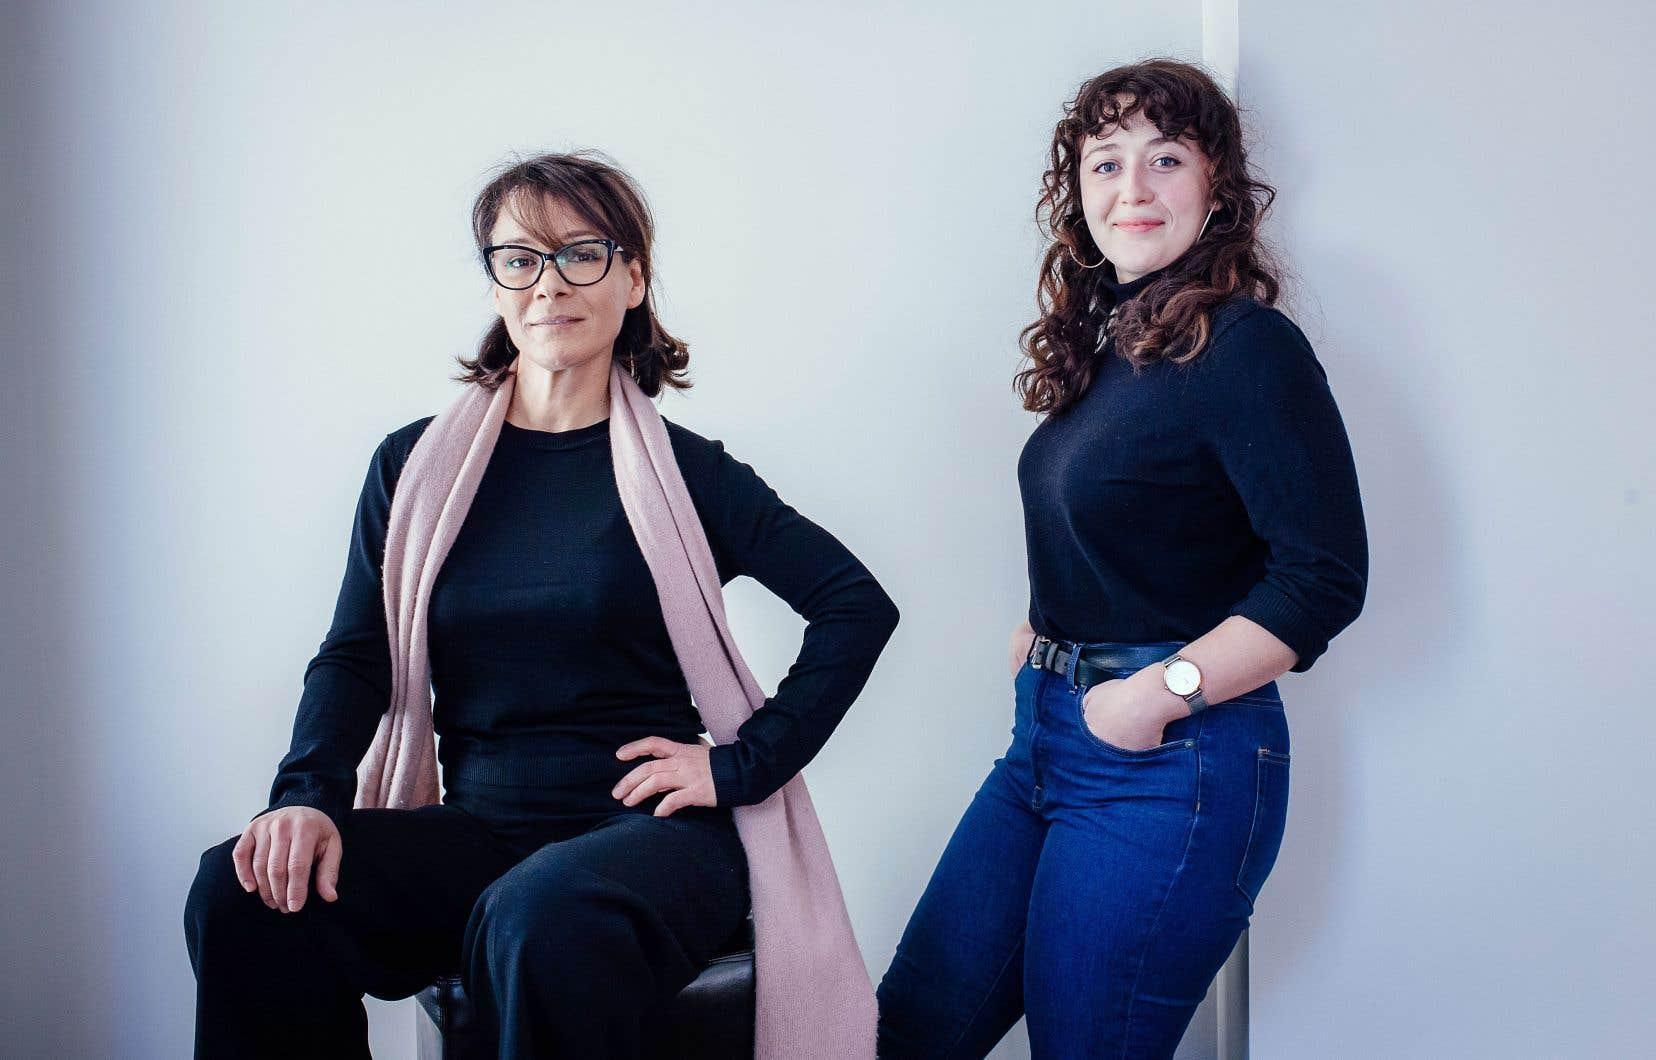 Les comédiennes Rose-Anne Déry et Sandrine Bisson jouent des sœurs dans la pièce «Le terrier». L'une est enceinte, l'autre vient de perdre son enfant qui était âgé de quatre ans. Toutes deux vivent le deuil de manière différente.